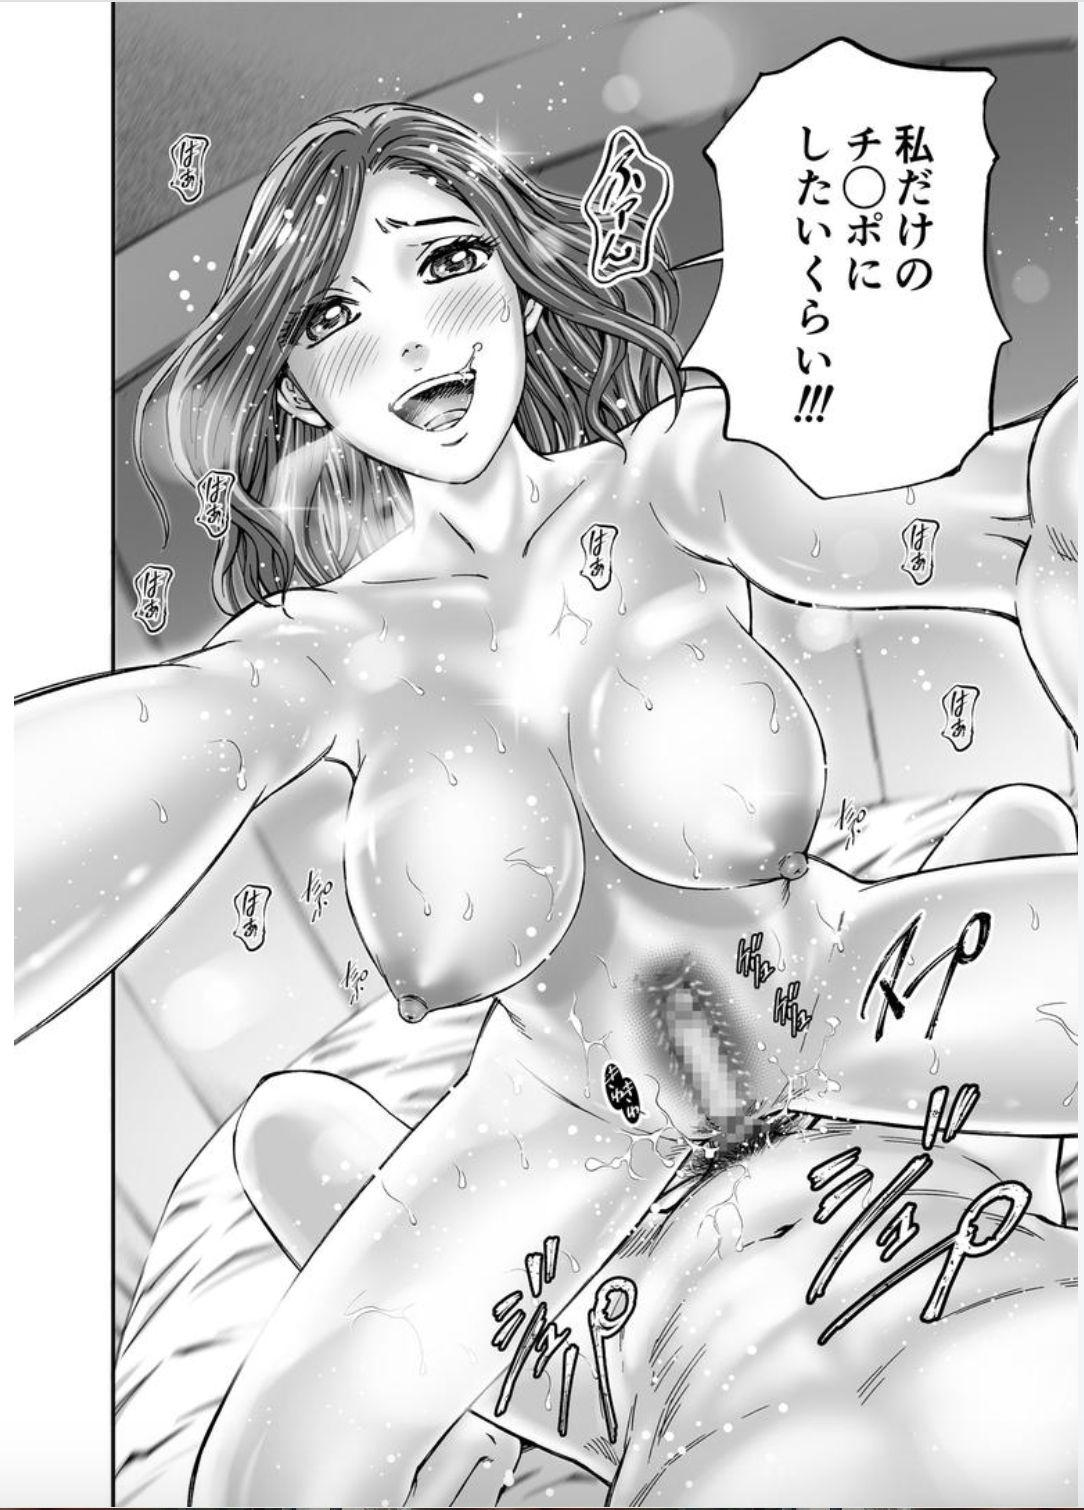 Seisyoku Dance Hitodzuma no chitsueki ni mamirete 1-2 61